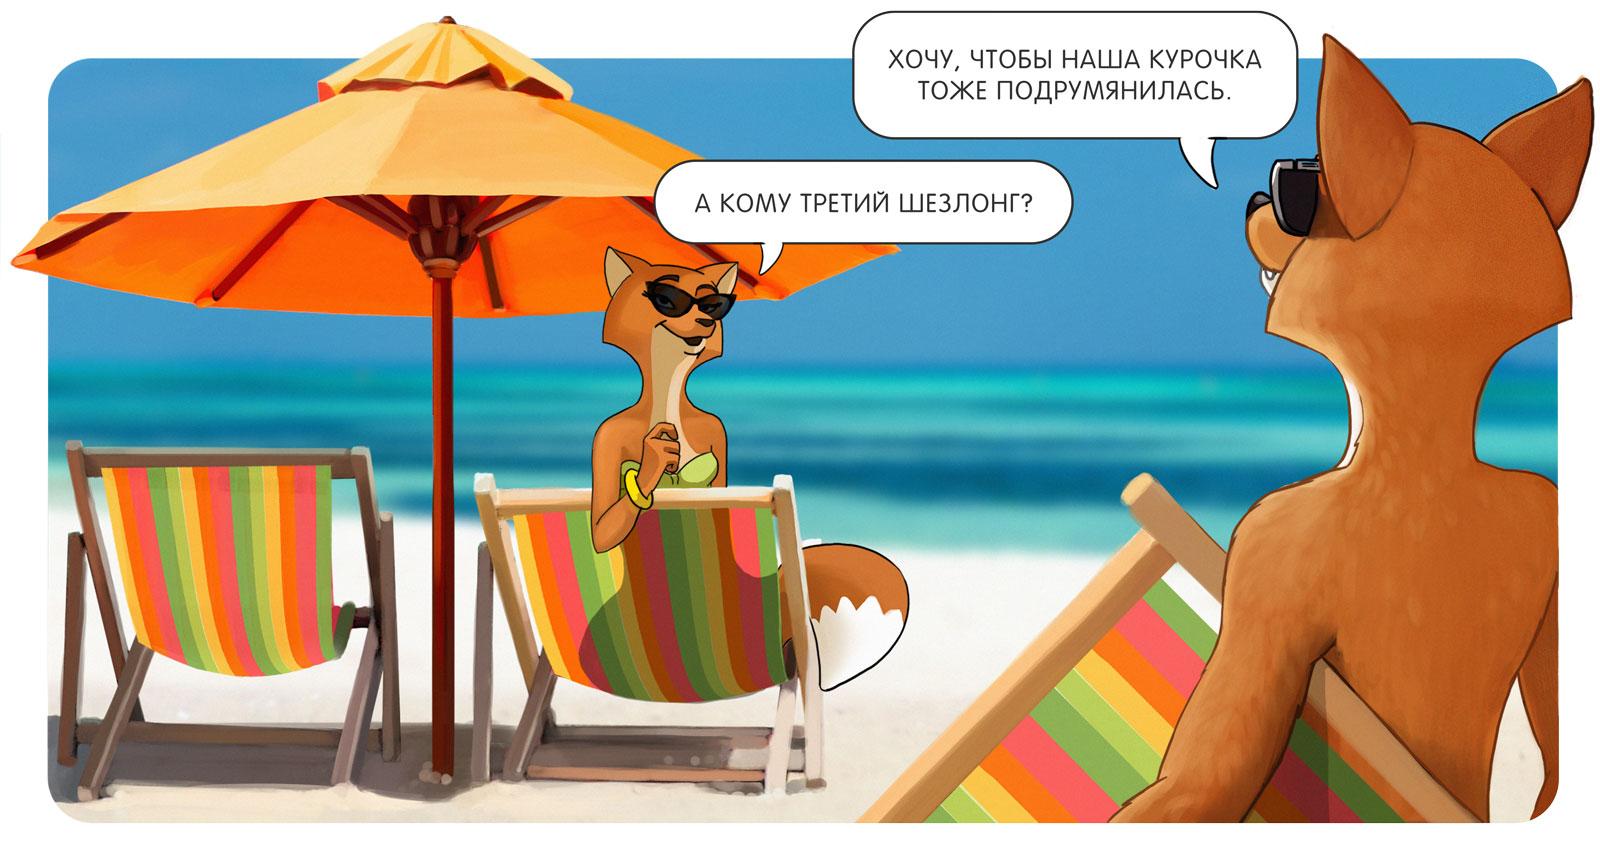 7_july_Troekurovo_smartians